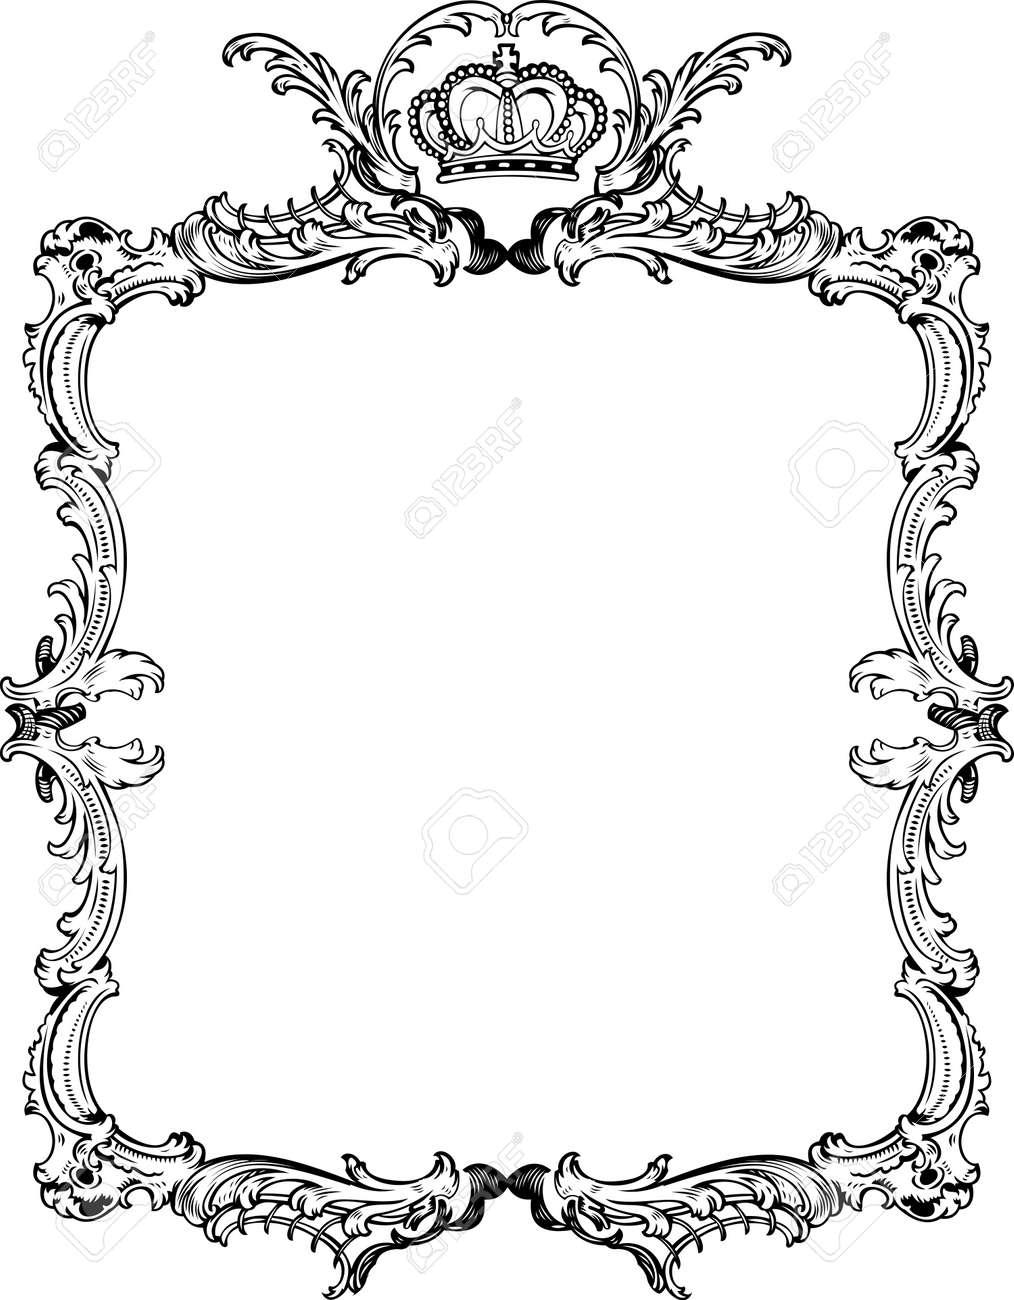 4bab7533069 Decorative Vintage Ornate Frame. Vector Illustration. Stock Vector - 9934853